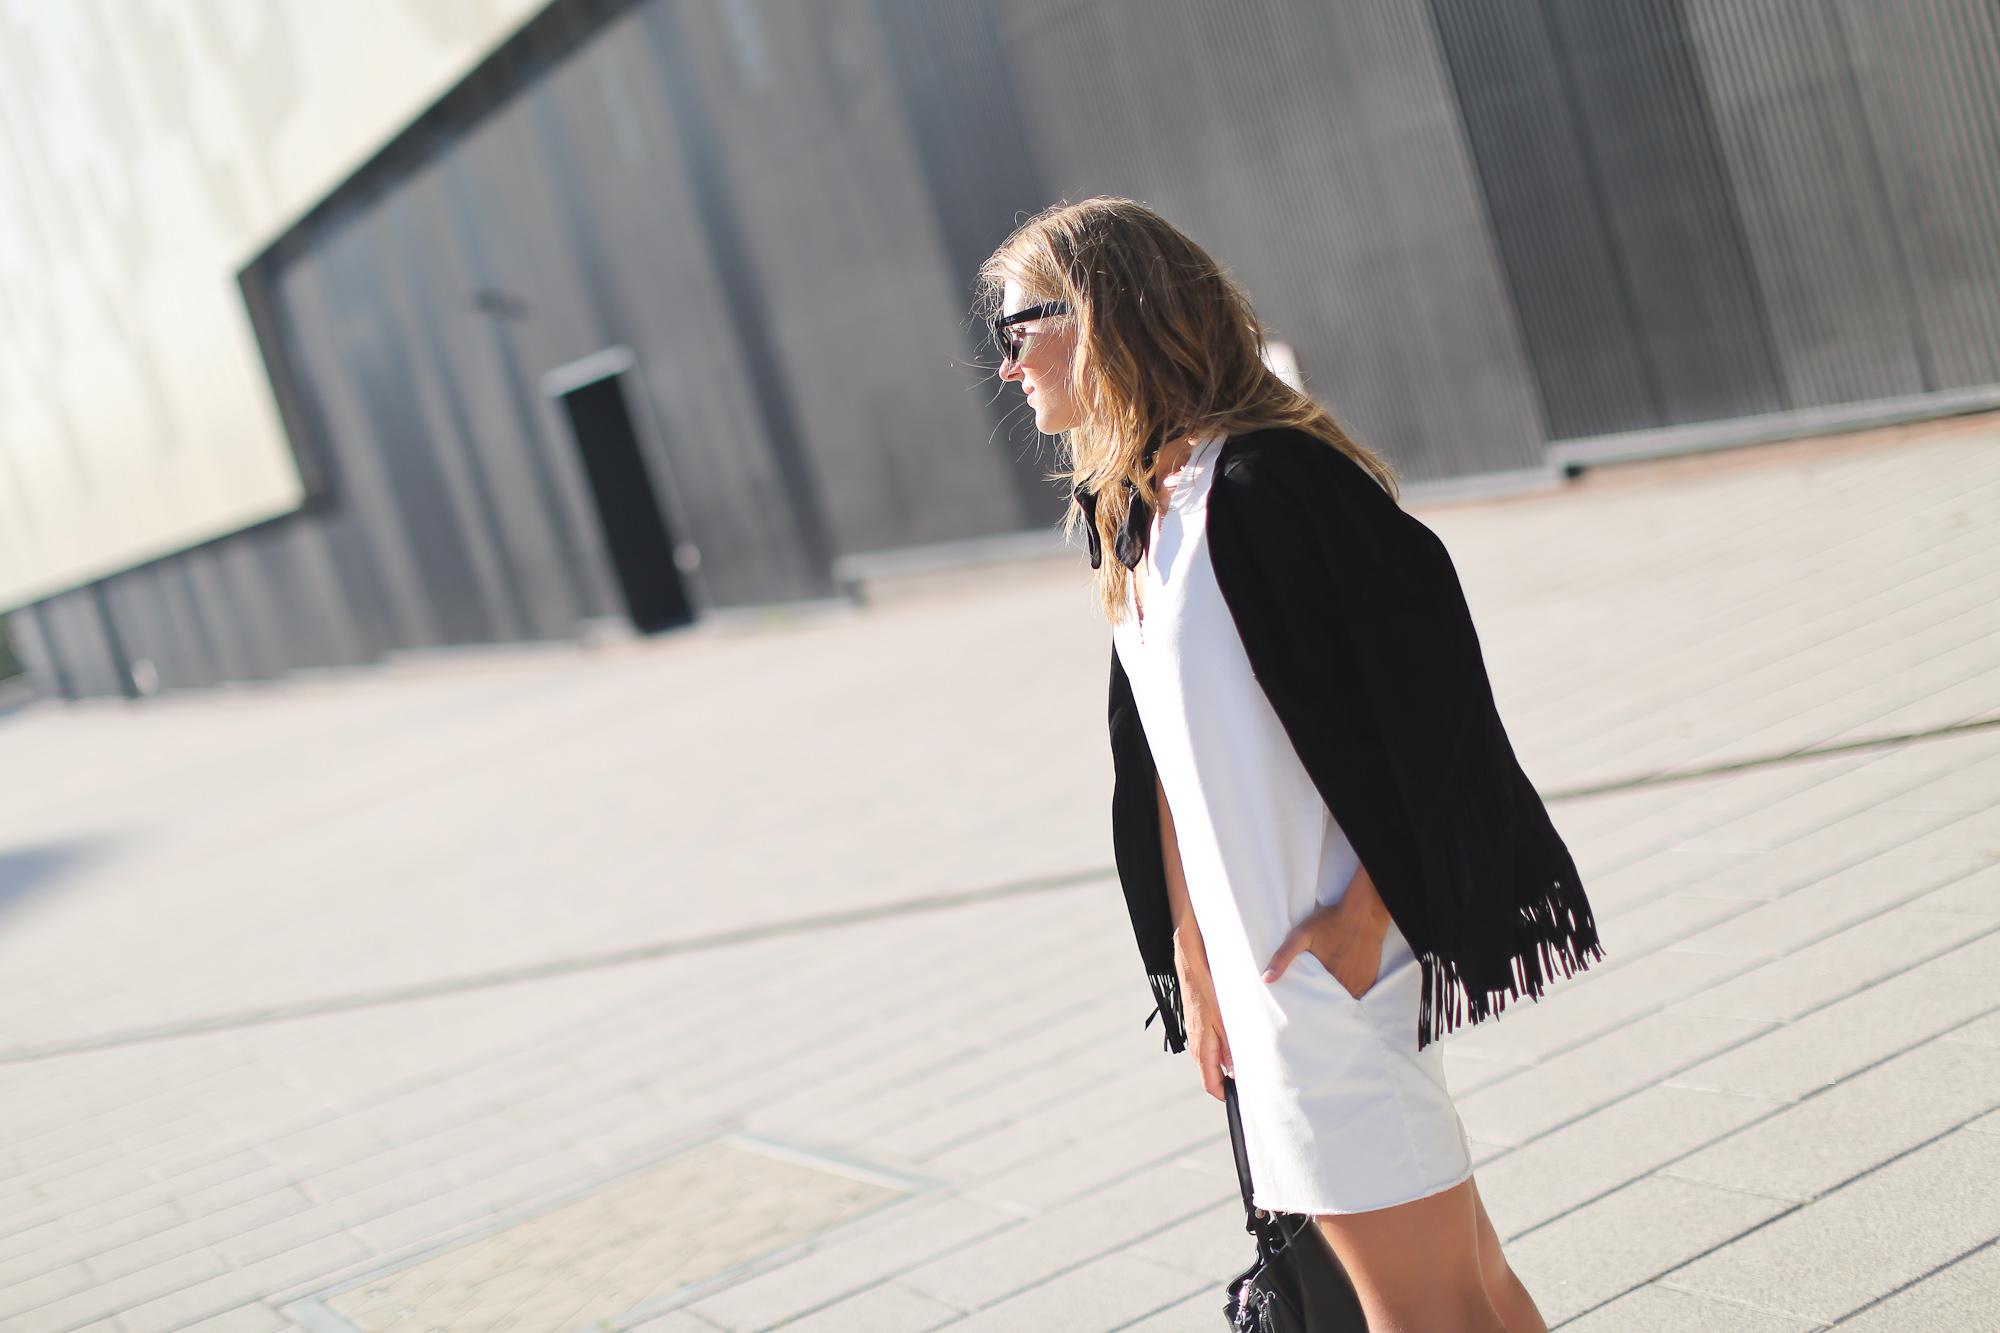 Clochet_streetstyle_maje_suede_fringed_jacket_bimbaylola_denim_white_dress